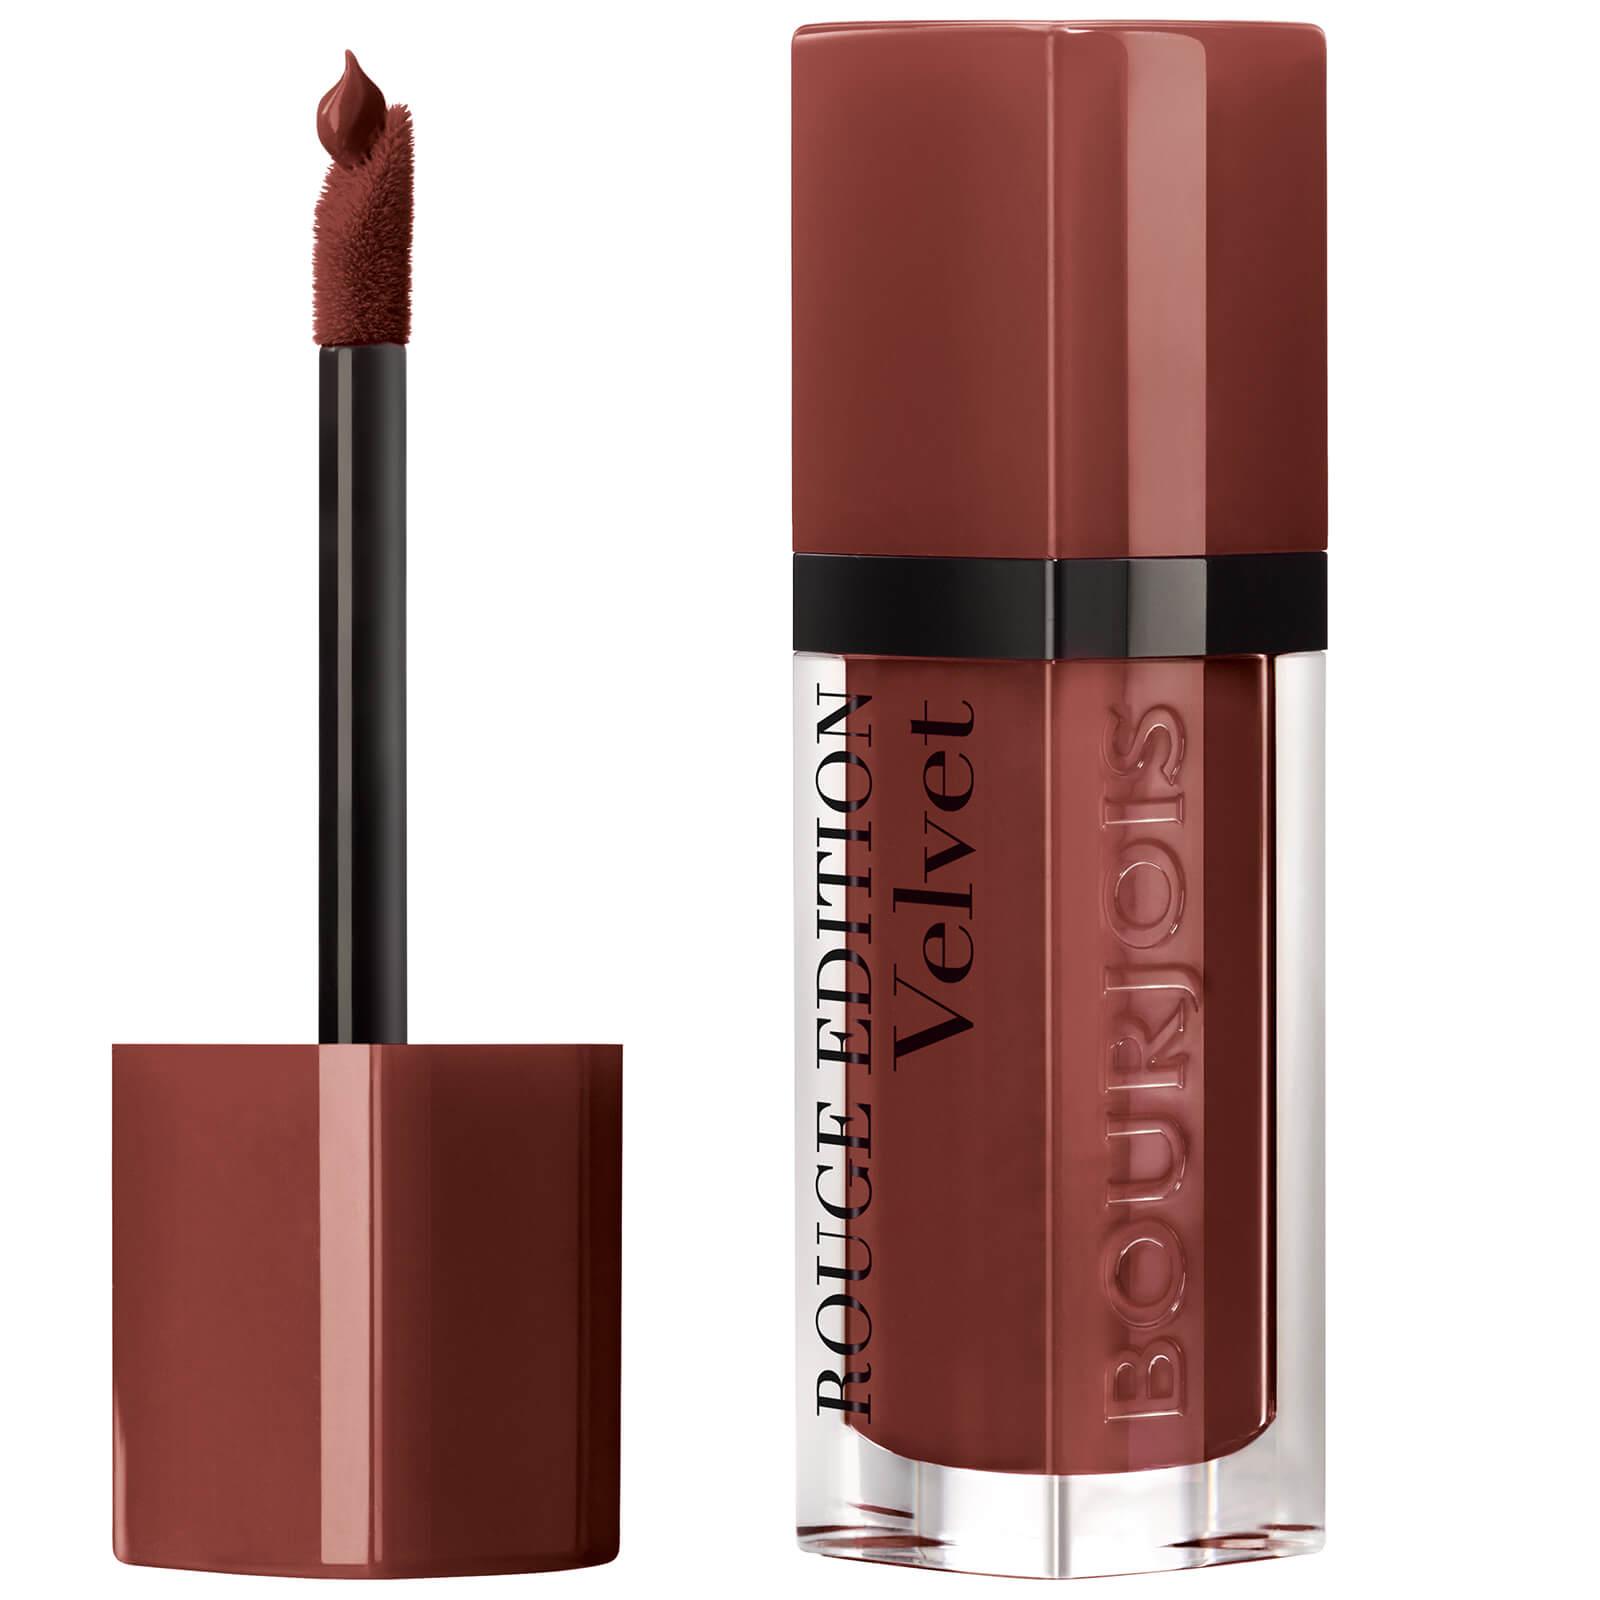 Губная помада Bourjois Rouge Edition Velvet Lipstick (различные оттенки) - Brun'croyable  - Купить